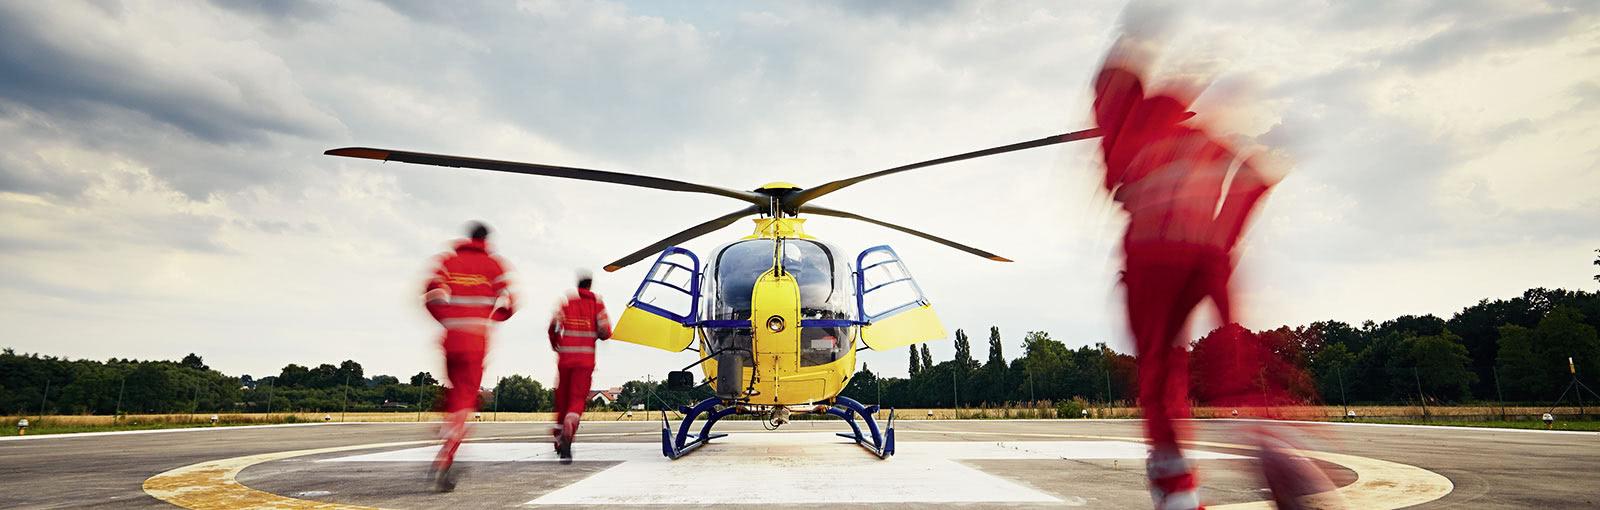 sanitäter laufen zu helikopter